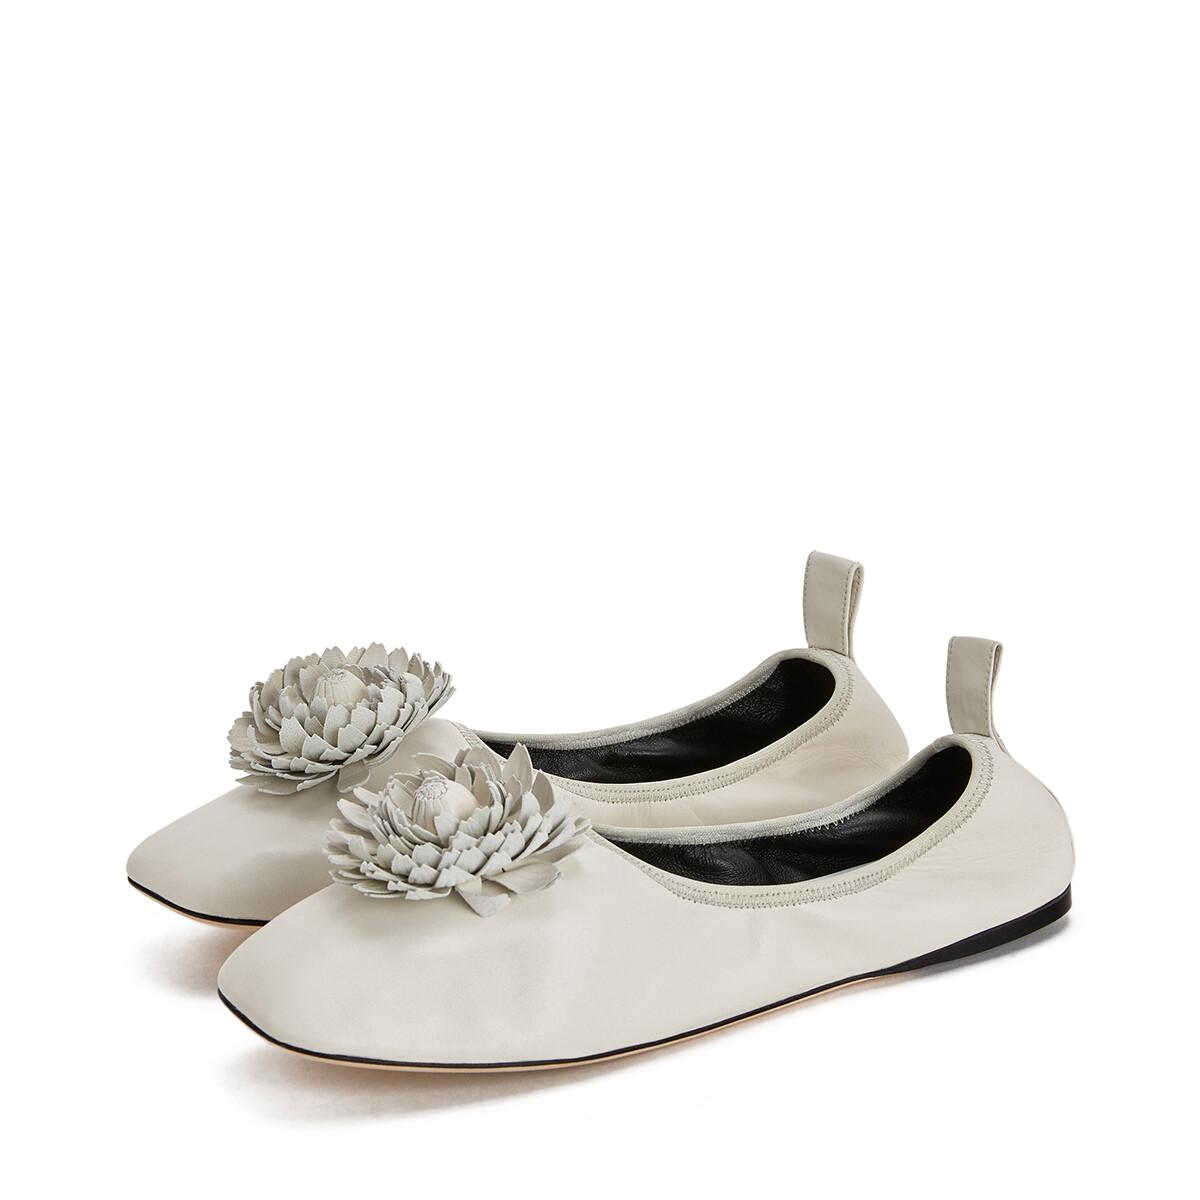 LOEWE Ballerina Flower Soft White/Black front